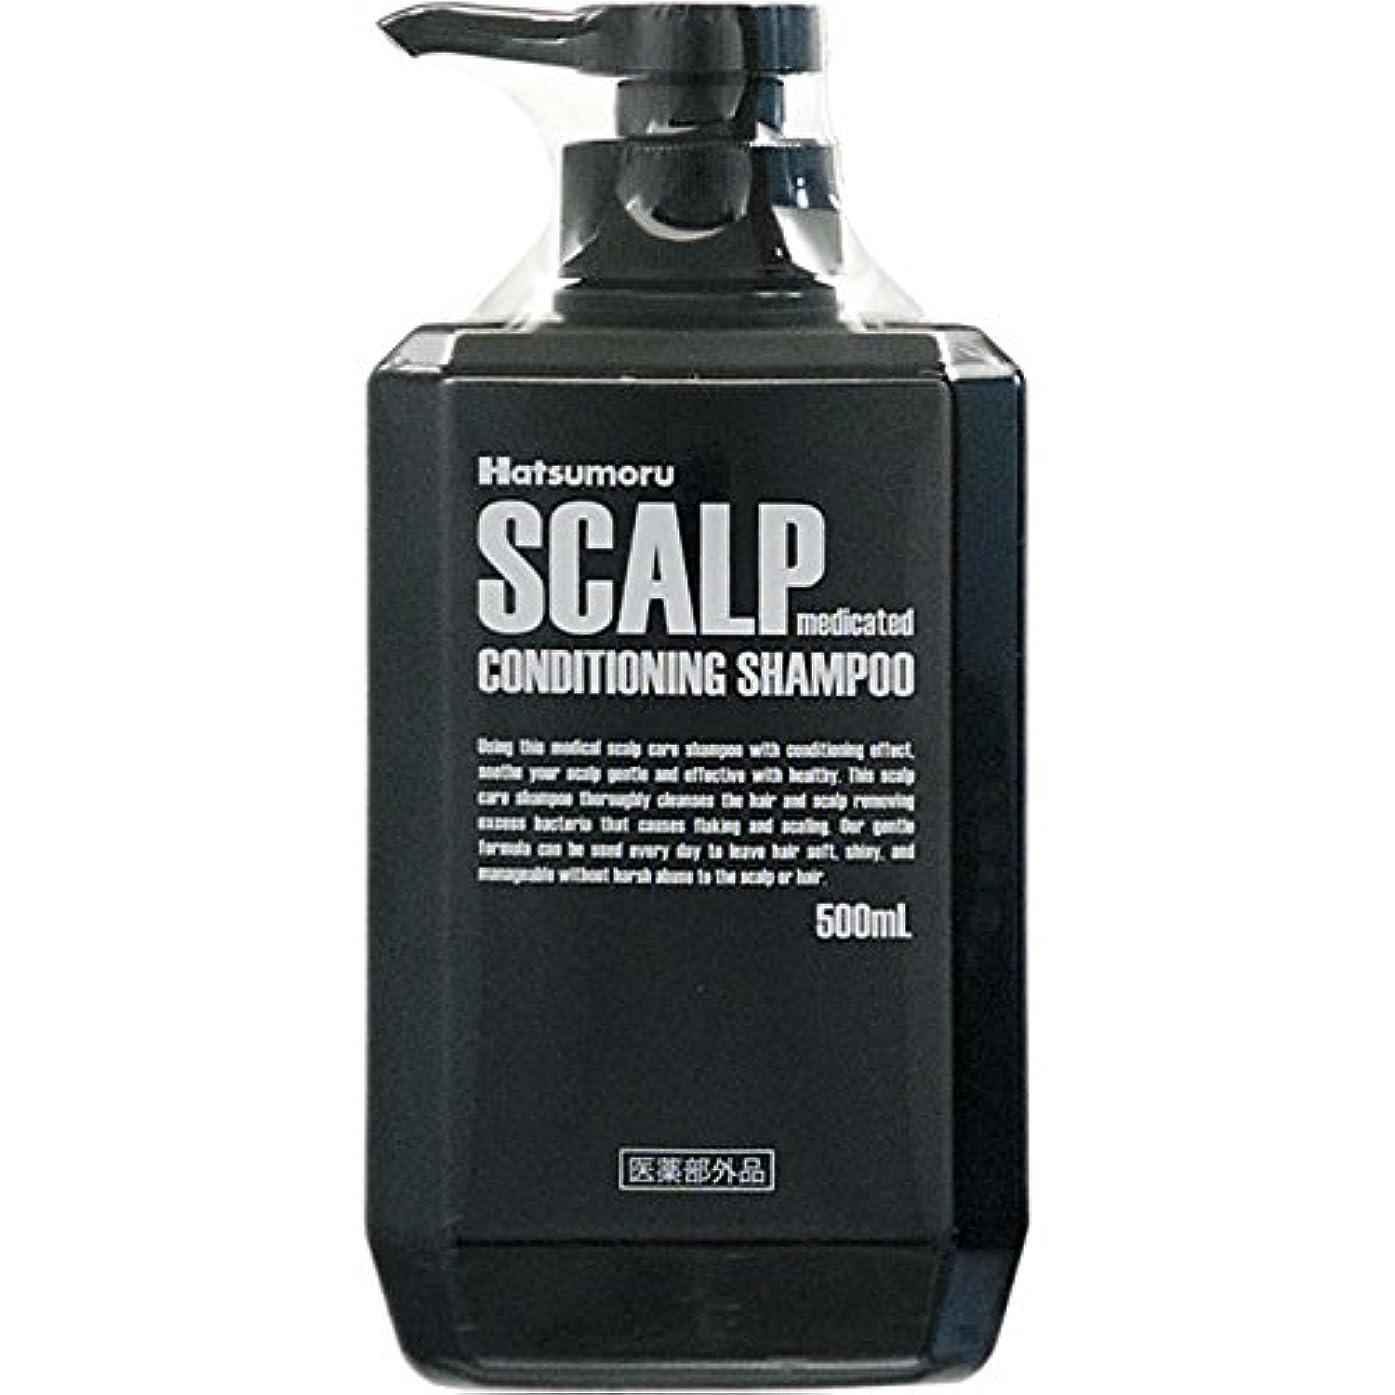 継承心配する溶かすハツモール 薬用スカルプシャンプー500MLx5